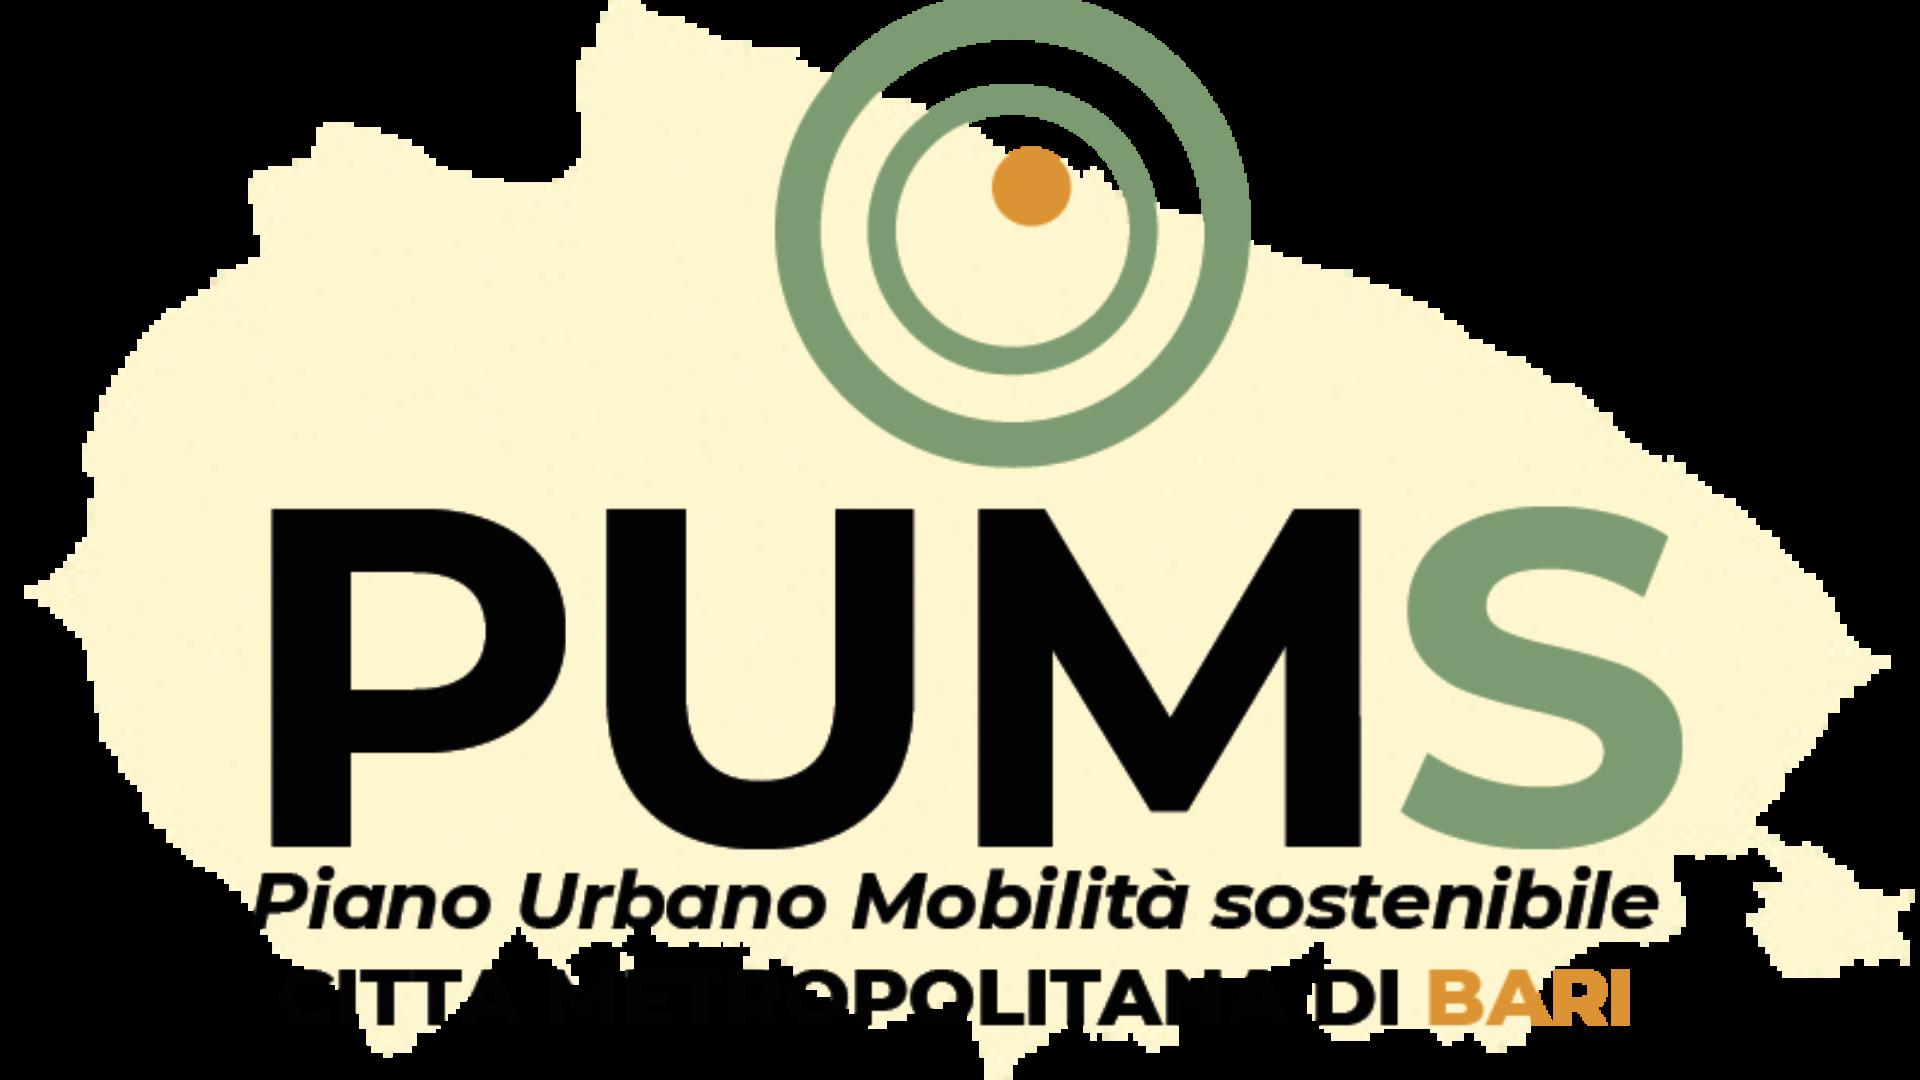 Pums Cittá metropolitana di Bari